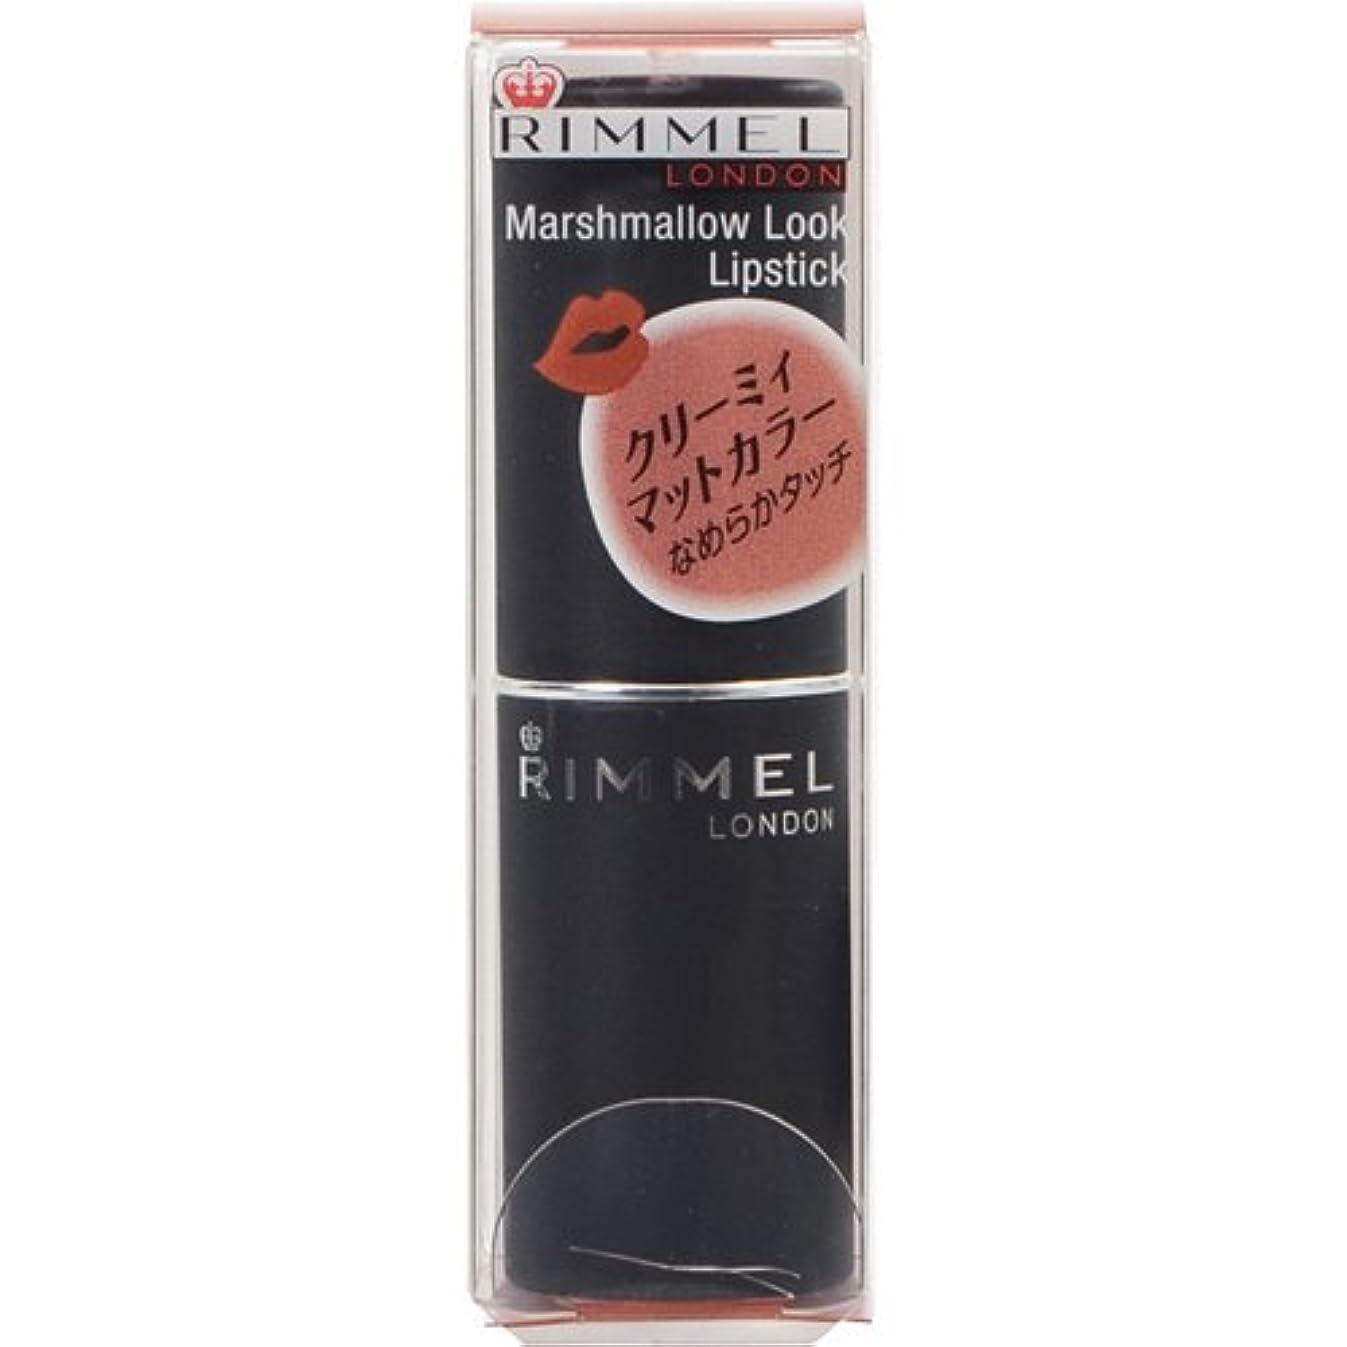 具体的に困惑認めるリンメル マシュマロルック リップスティック 022 ピンクブラウン 3.8g